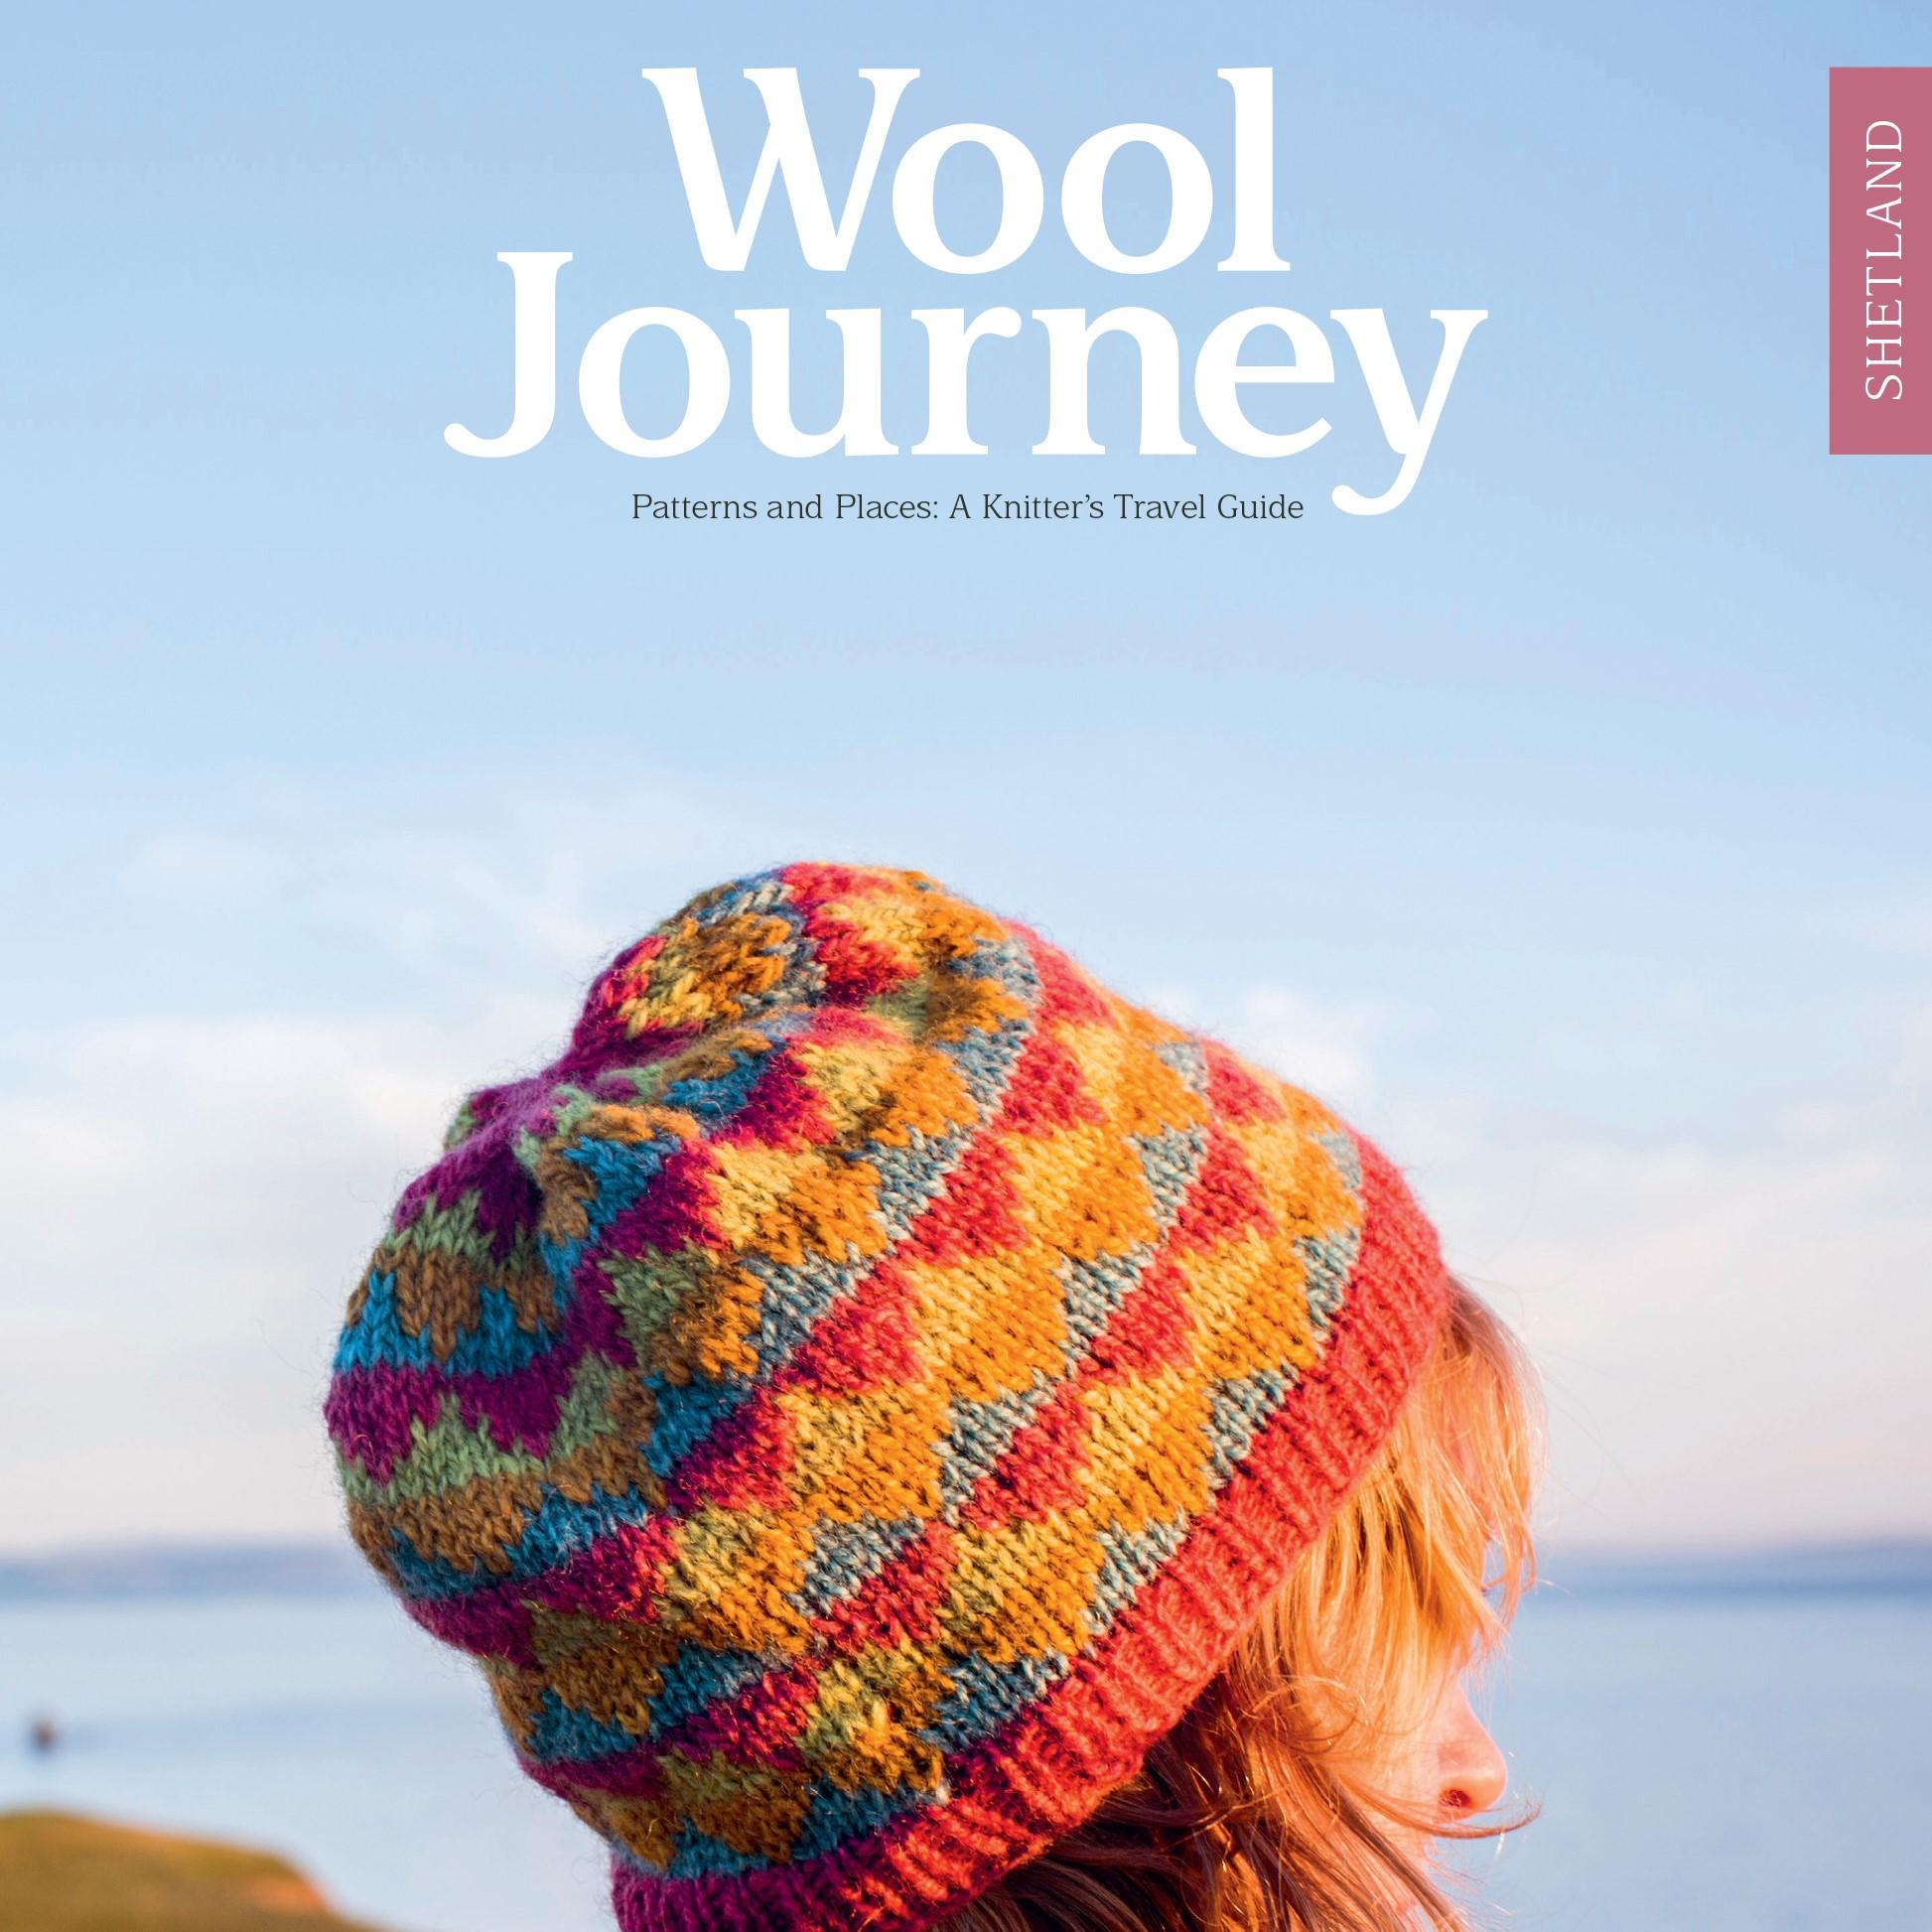 Wool Journey